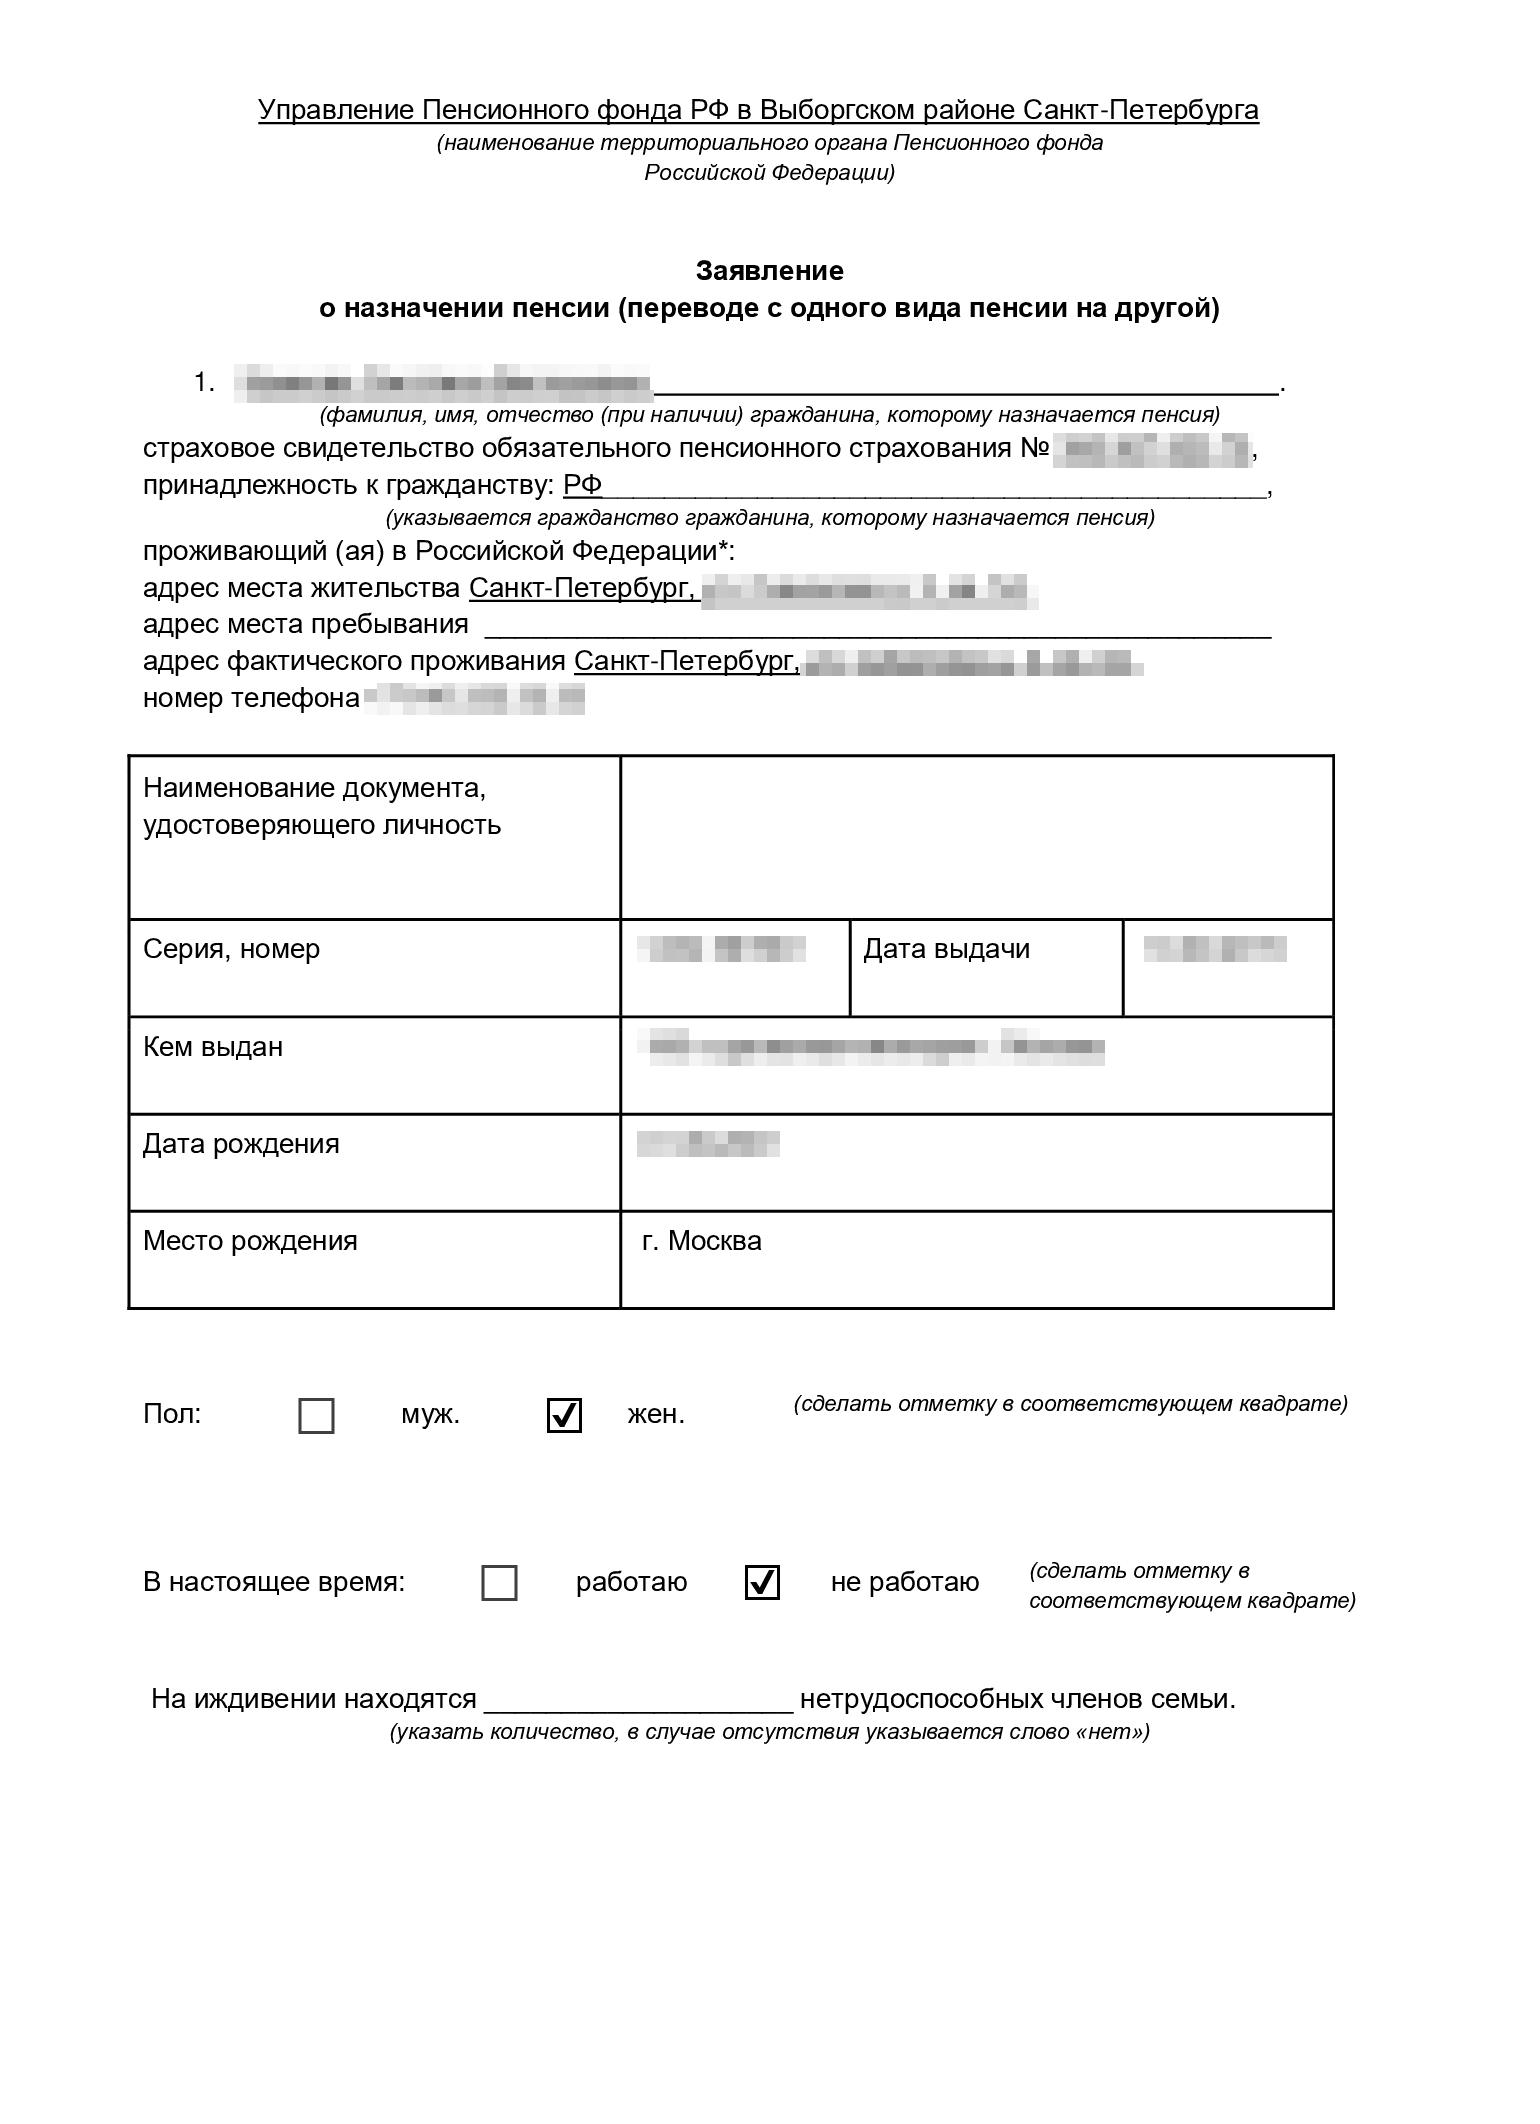 Образец заявления о назначении пенсии